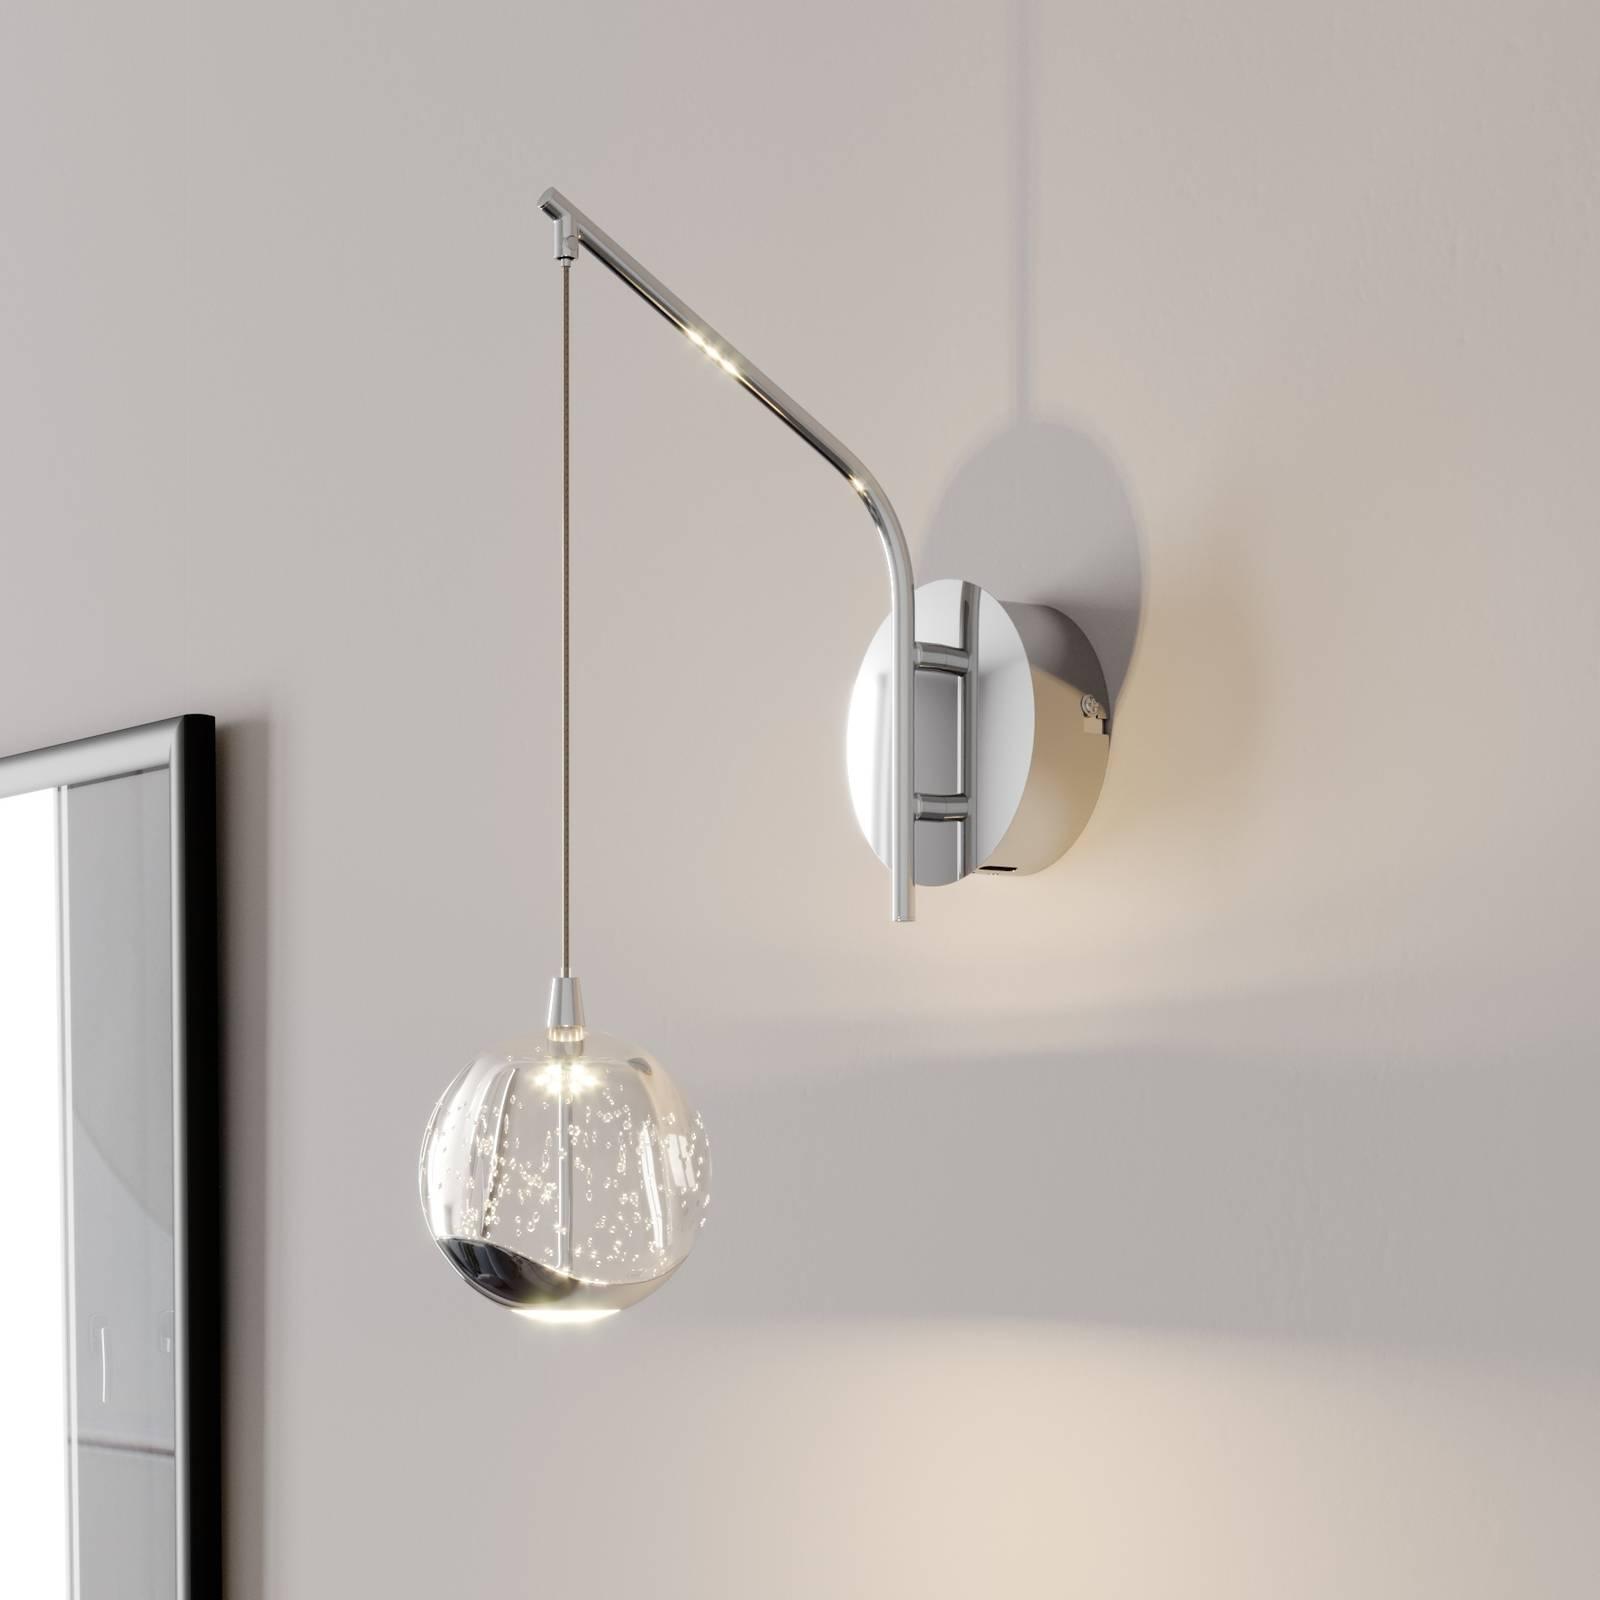 LED-seinävalaisin Hayley, riippuva pallo, kromi